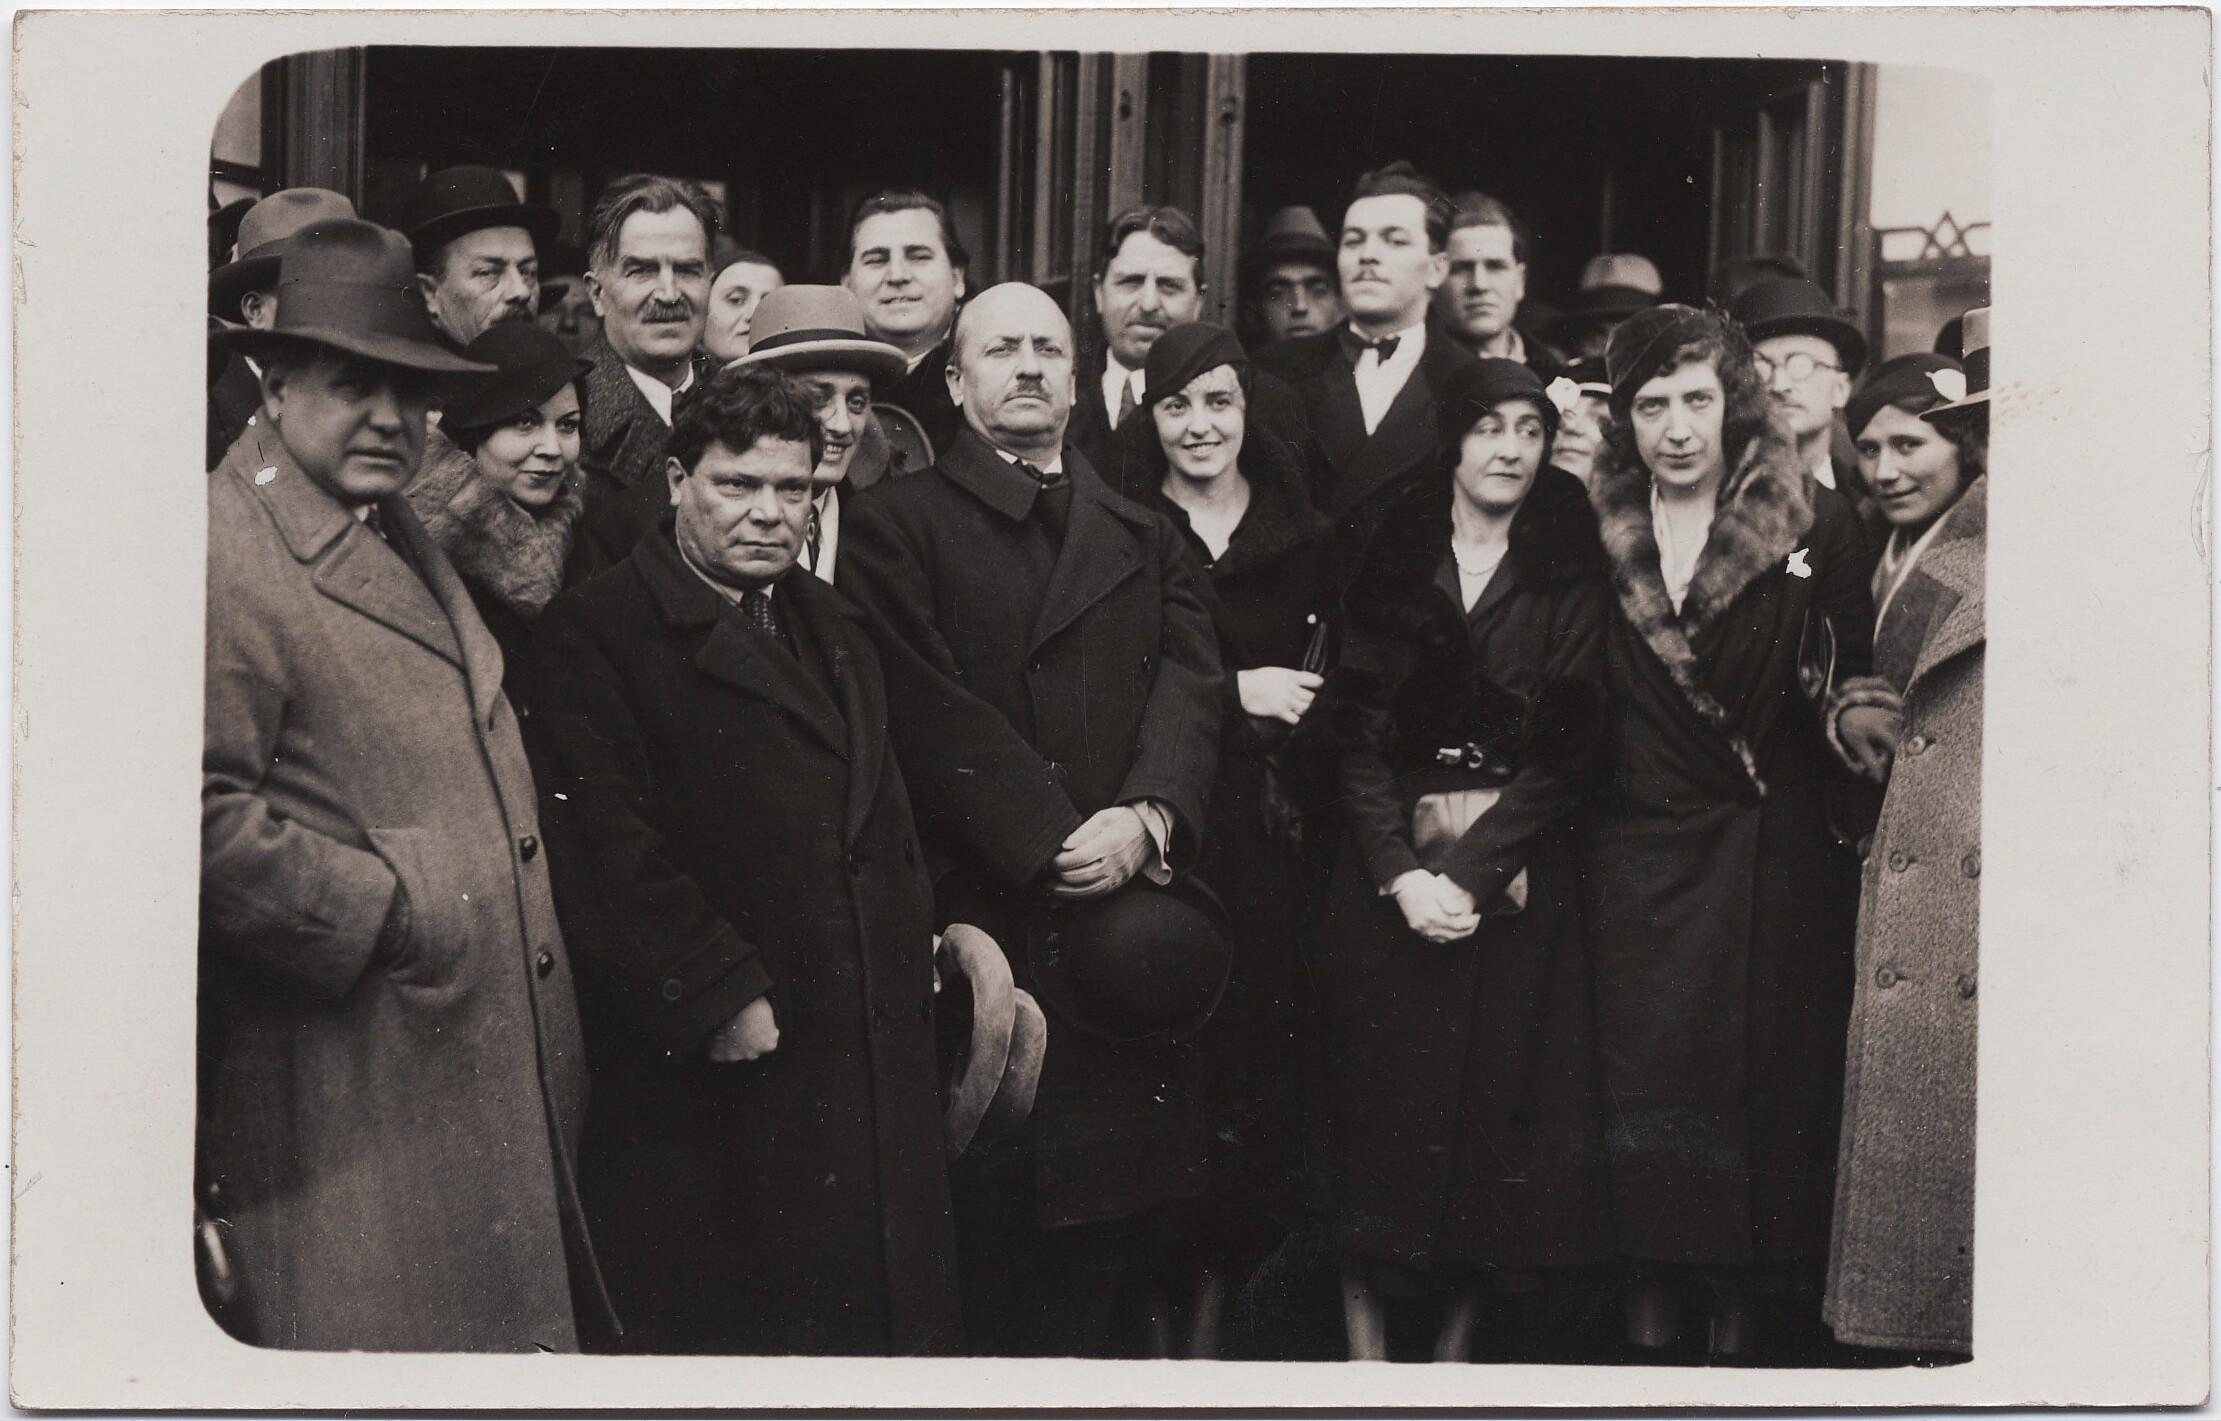 1932. София, Болгария. Маринетти и Бенедетта Каппа Маринетти в группе встречающих